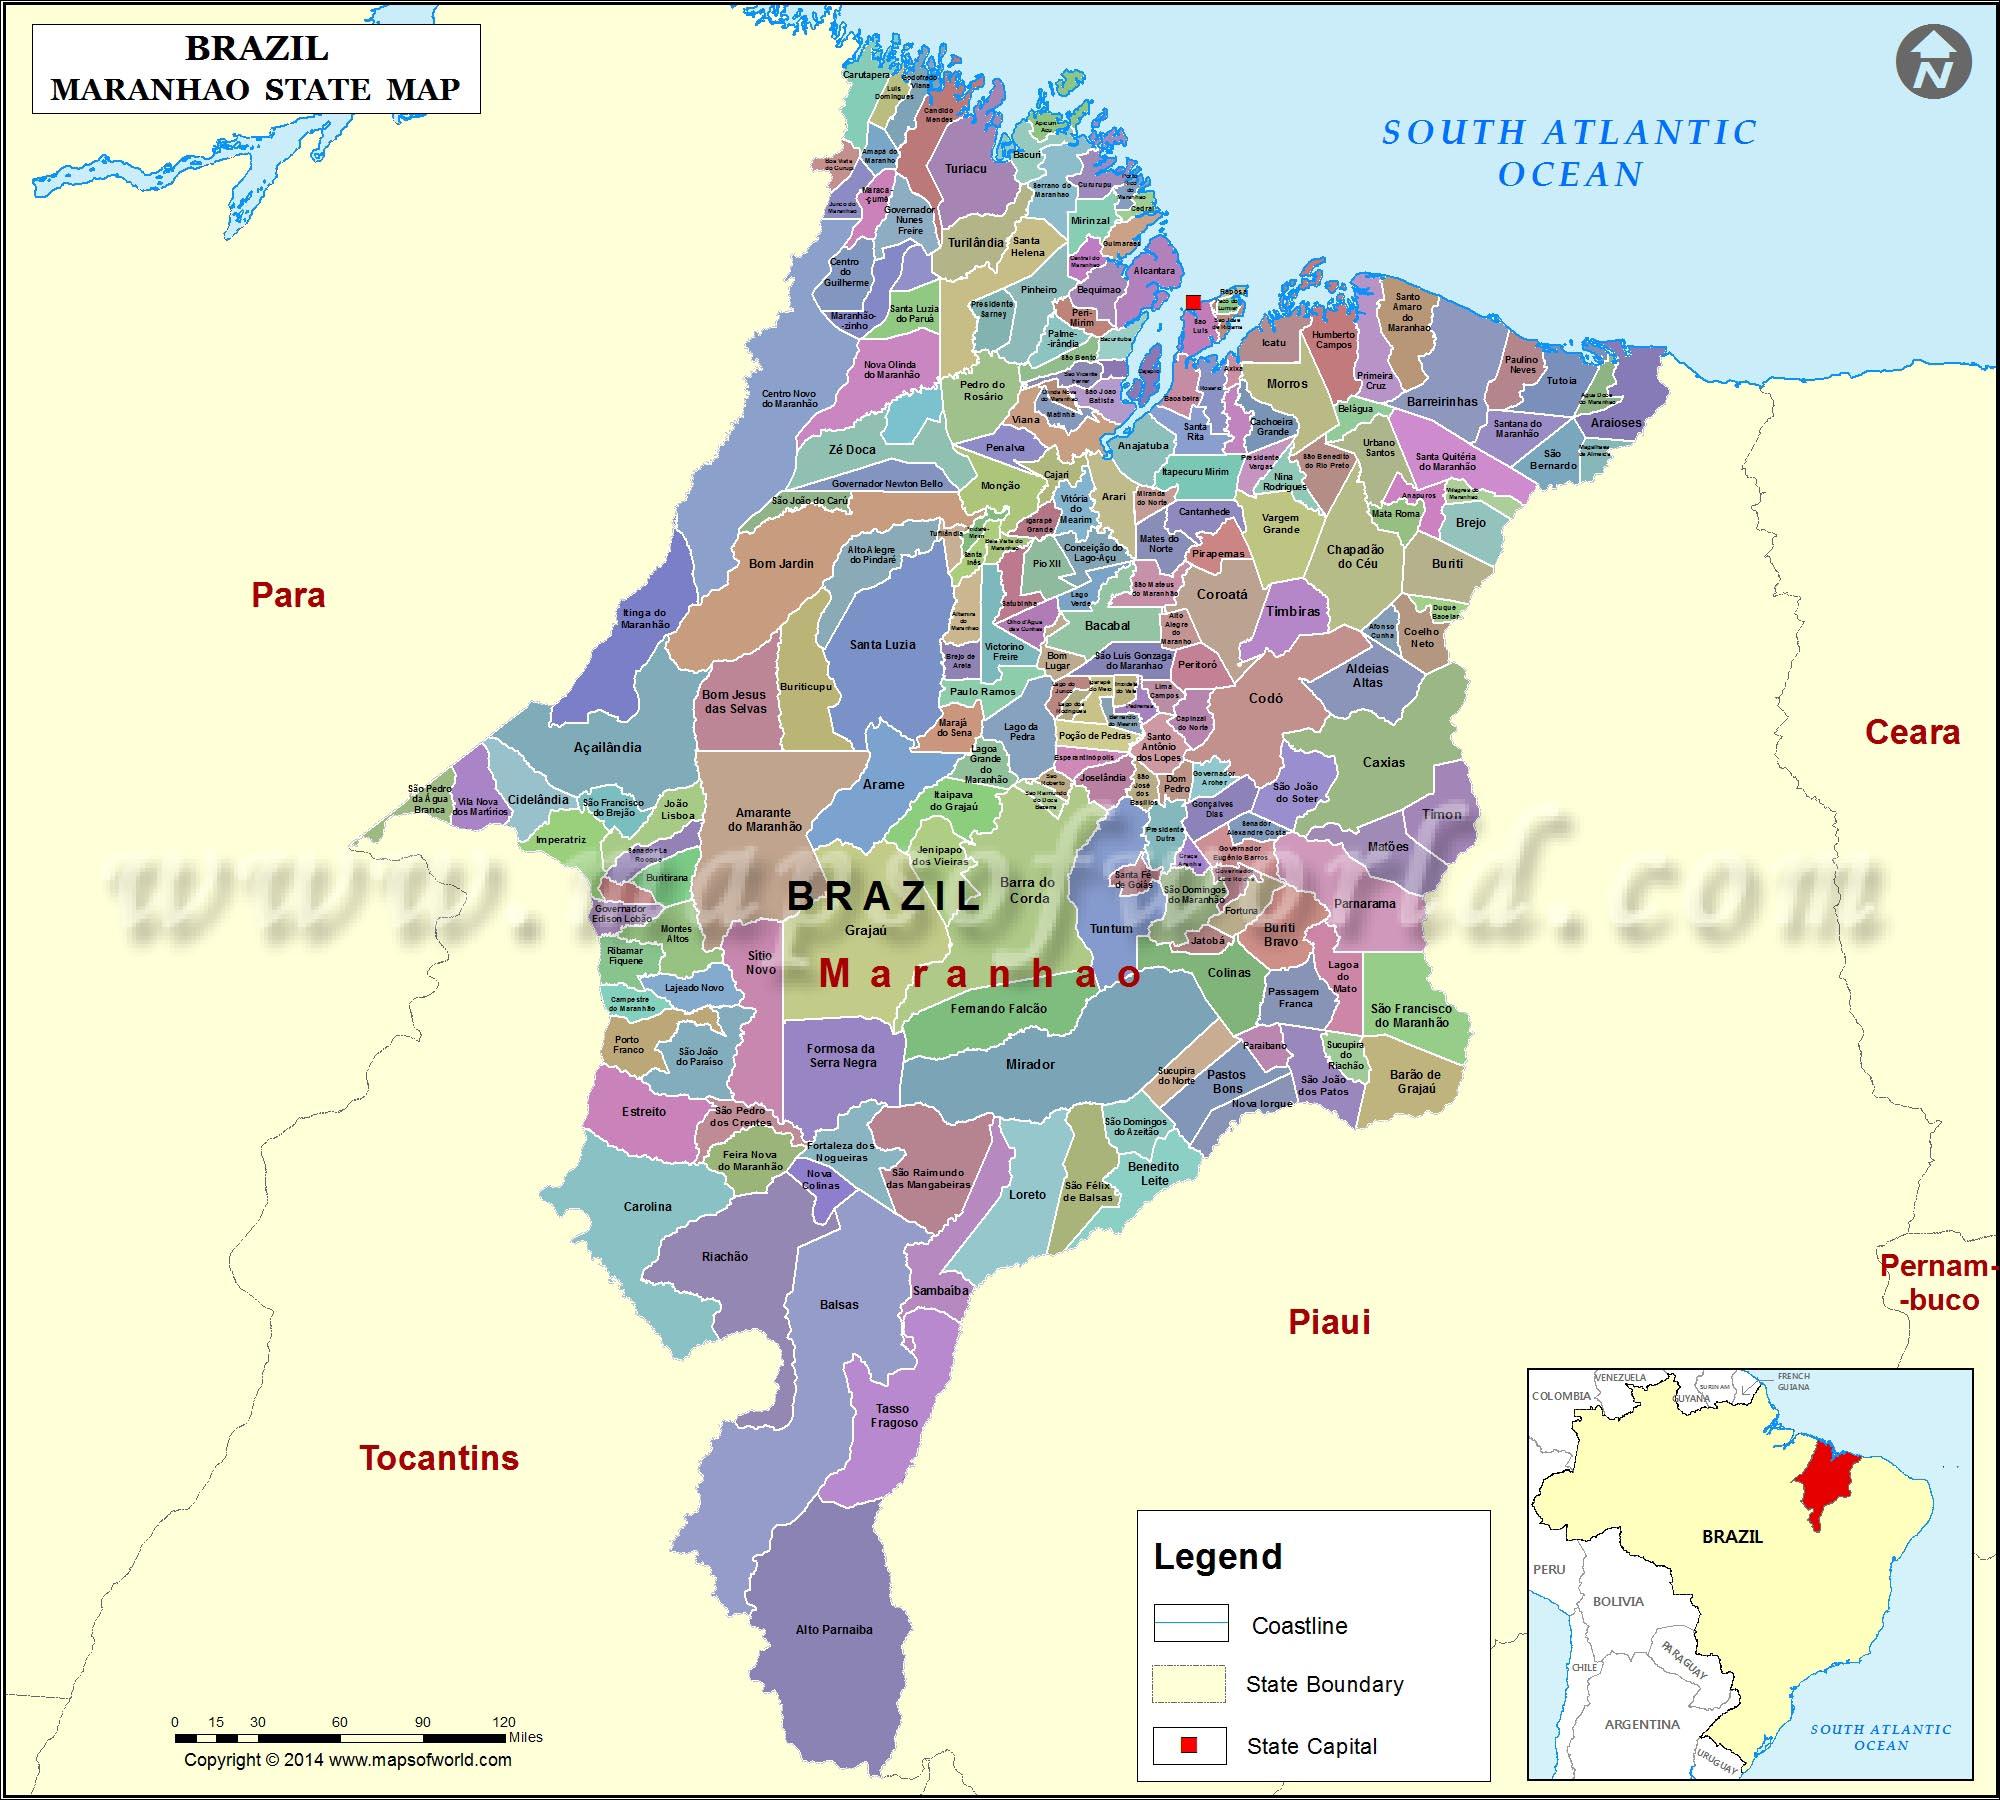 Mapa Maranhao